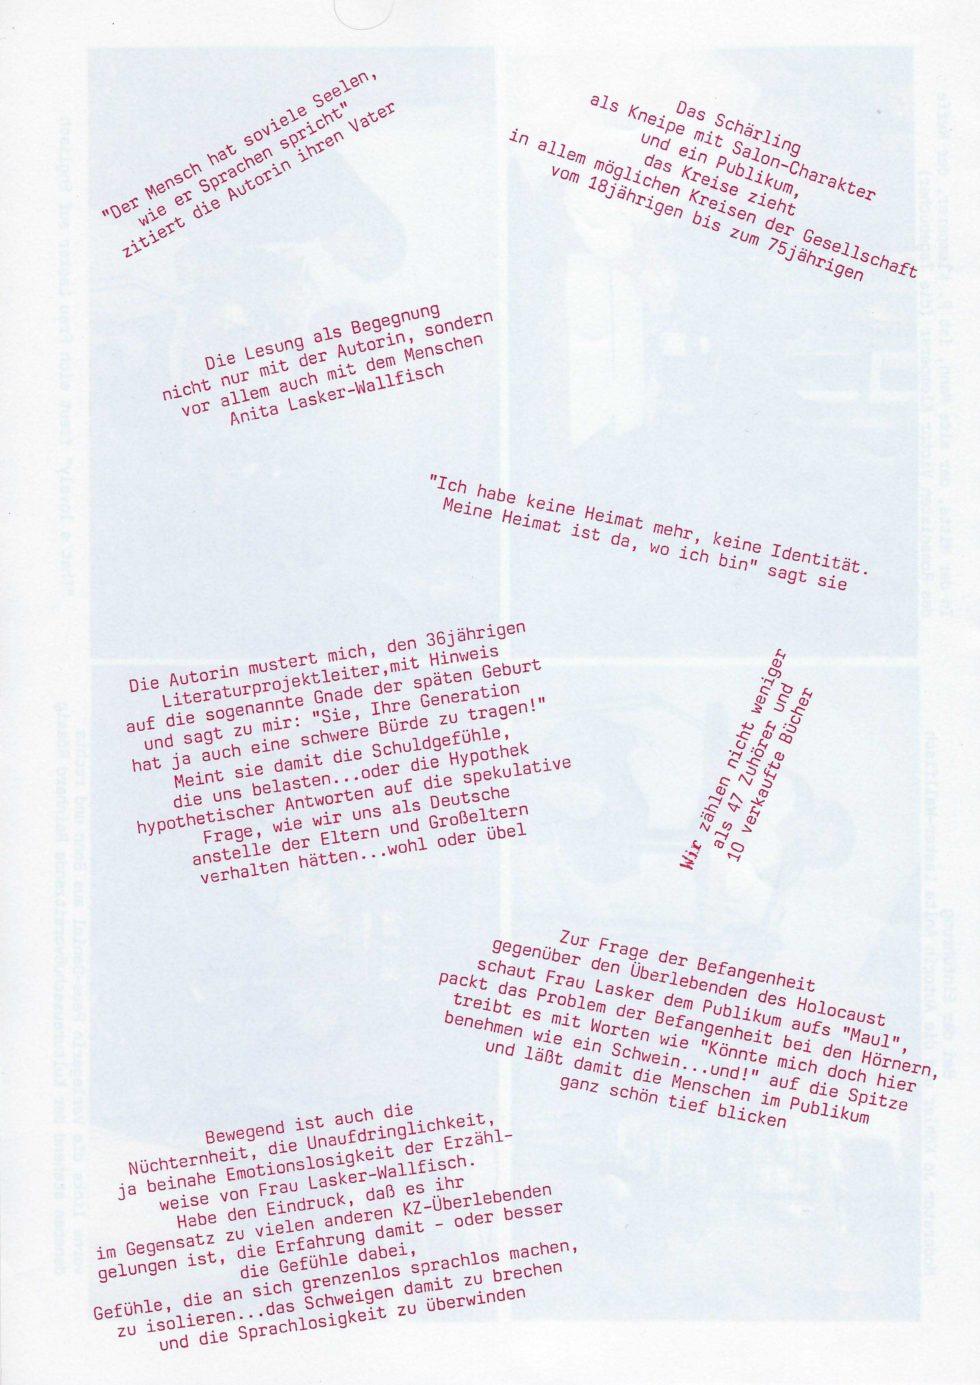 5_Weiteres_1997_Anita-Lasker-Wallfisch